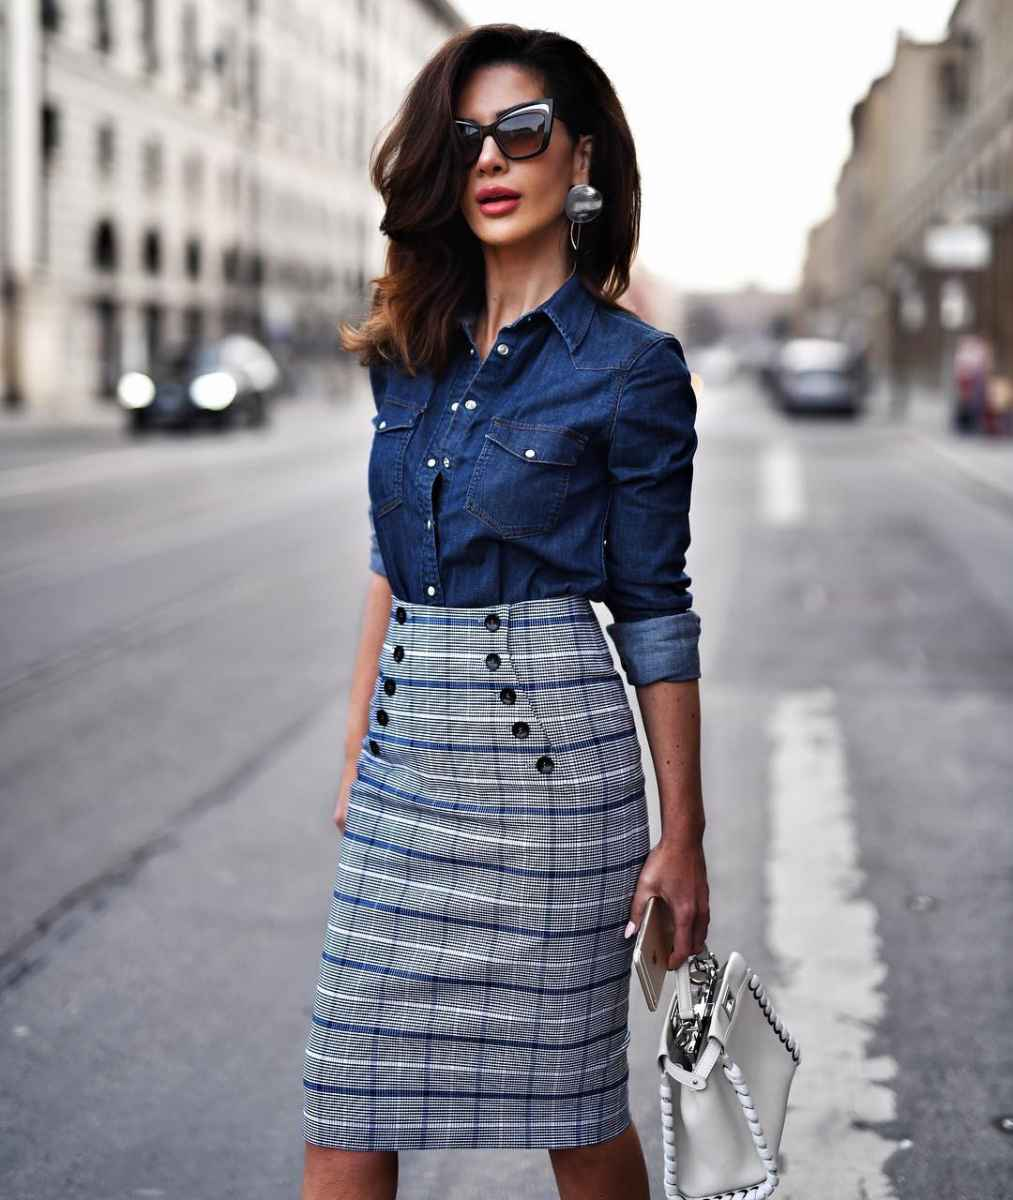 рубашки и блузы для женщин 40 лет 2019 фото_15